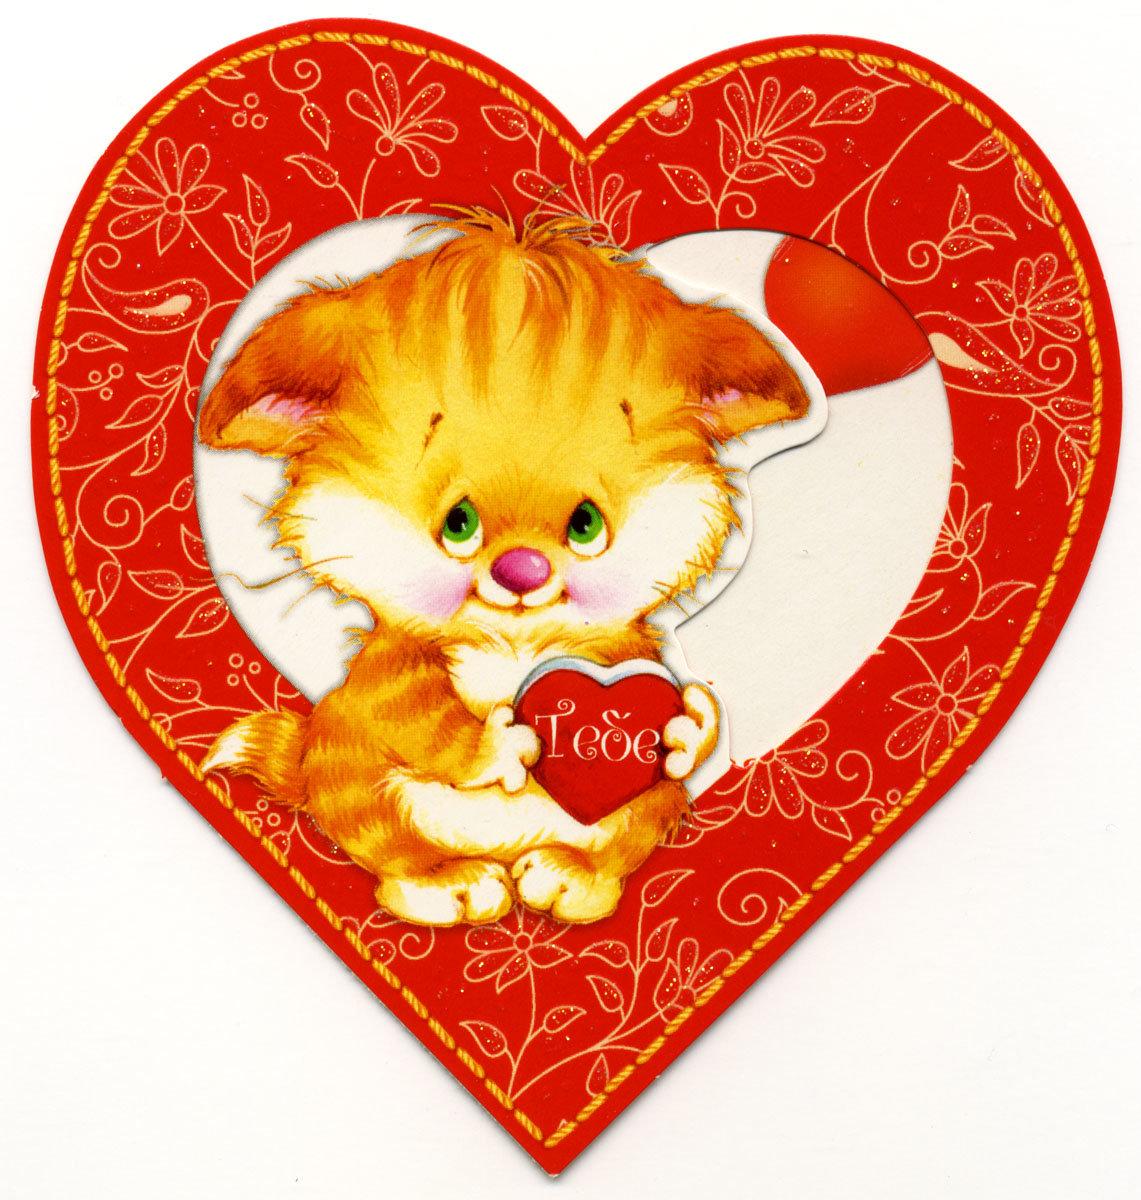 Валентинка открытка картинка, очень смешных кошек